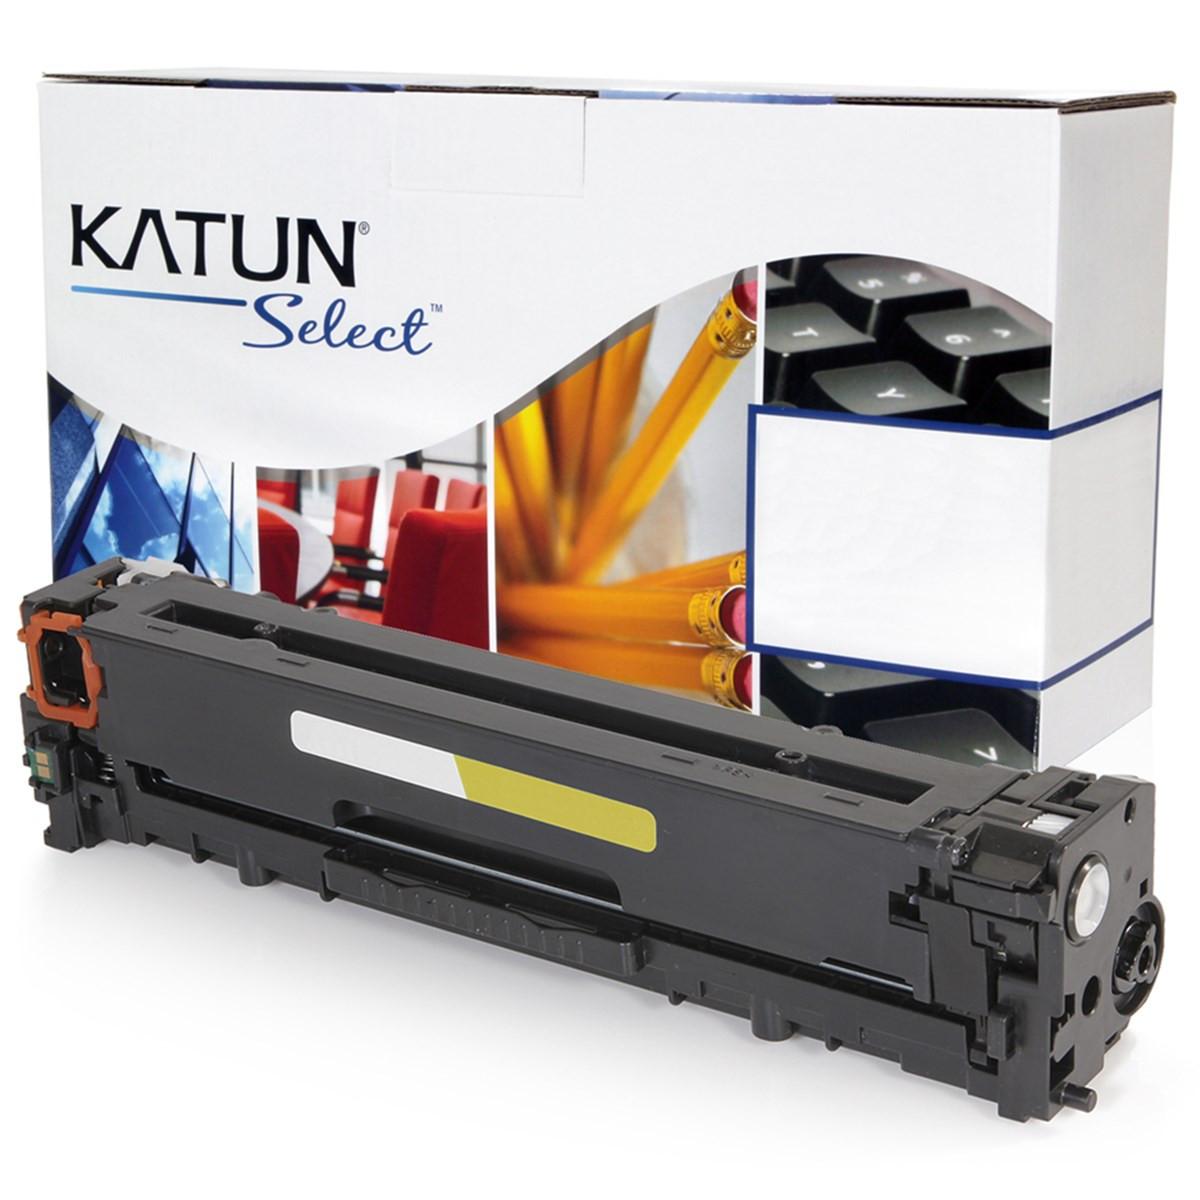 Toner Compatível com HP CE322A CB542A 128A 125A Amarelo | CM1415 CP1525 CP1215 CM1312 | Katun Select